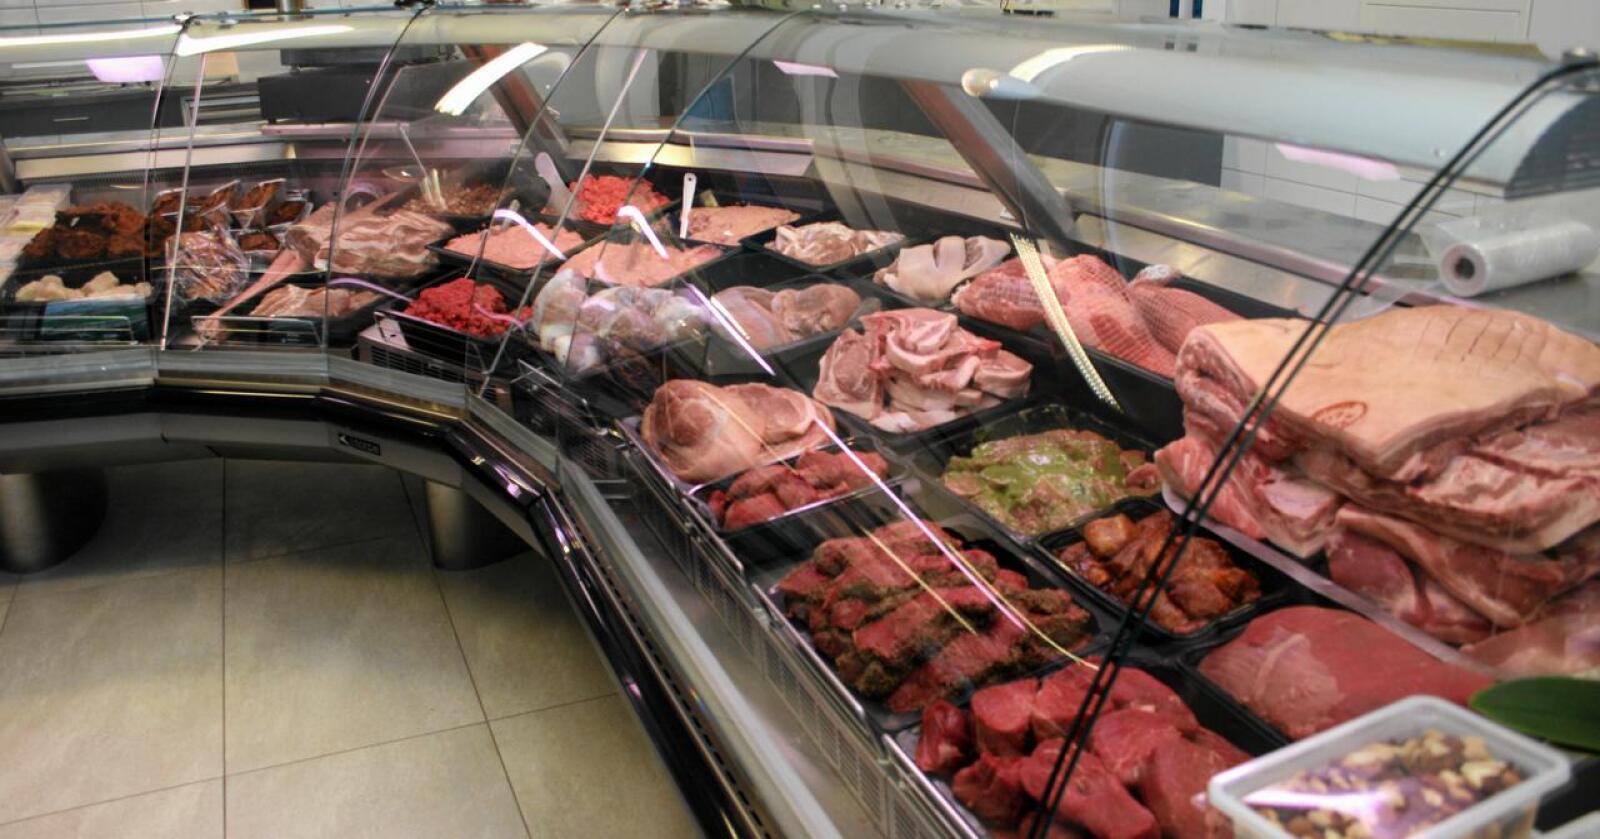 Kjøttsal: Nortura ventar at kjøttsalet aukar med fleire tusen tonn som følgje av mindre grensehandel og vidareføring av reiserestriksjonar i sommar. Foto: Bjarne Bekkeheien Aase